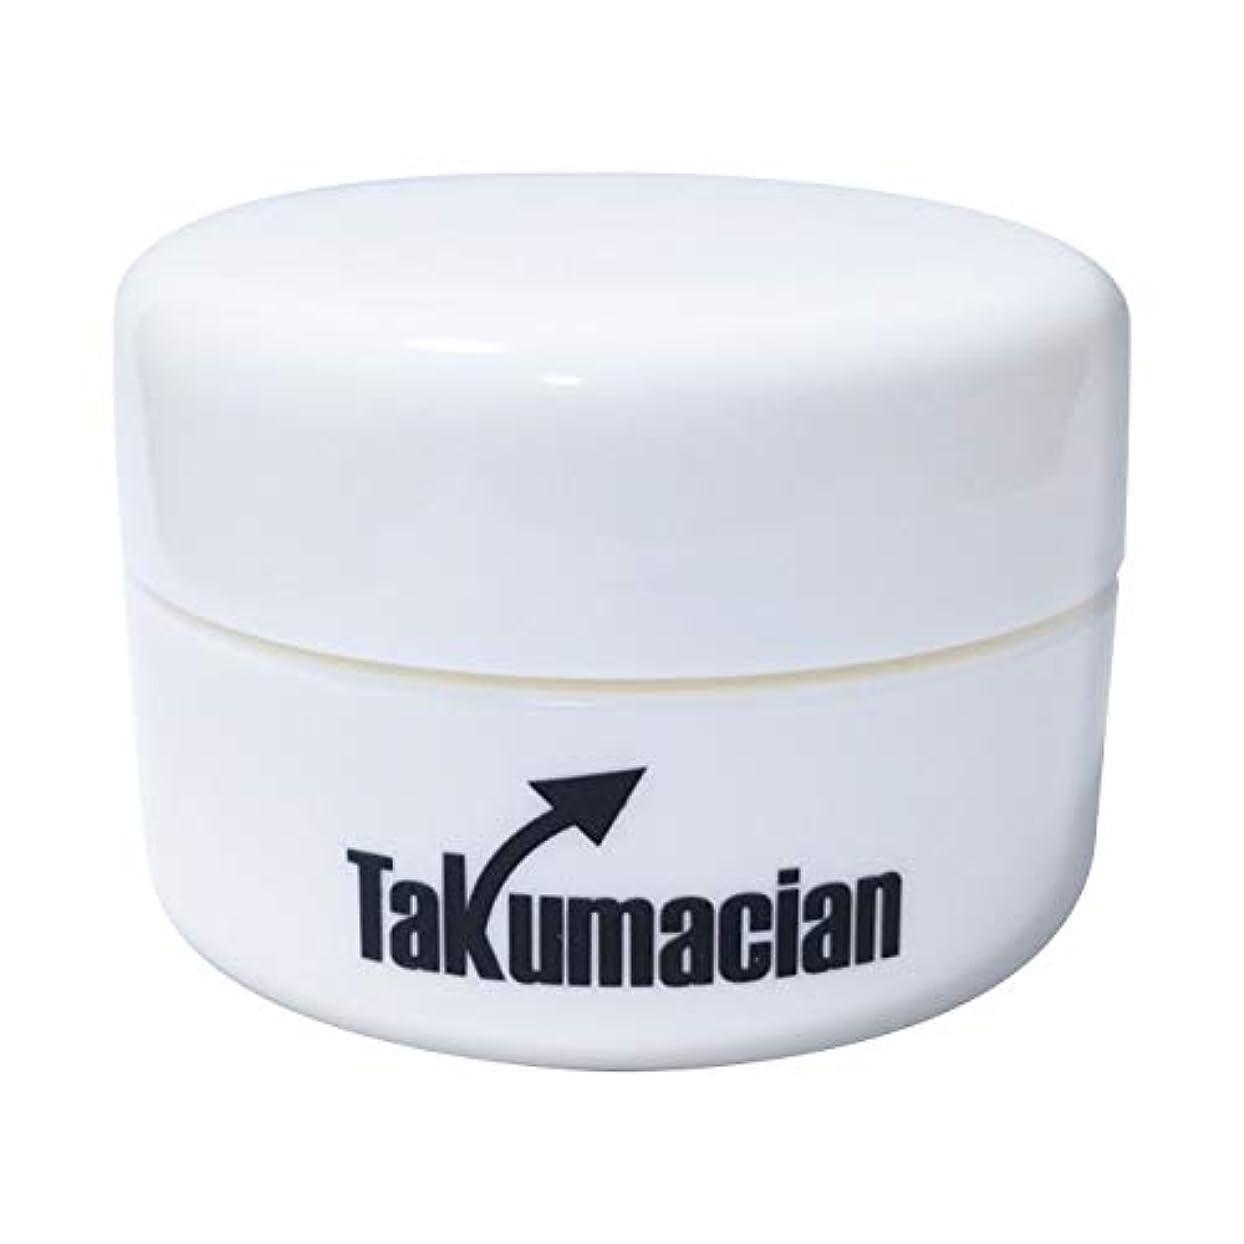 その他地元寸前Takumacian タクマシアン ボディ用クリーム 男性用 長持ち 自信